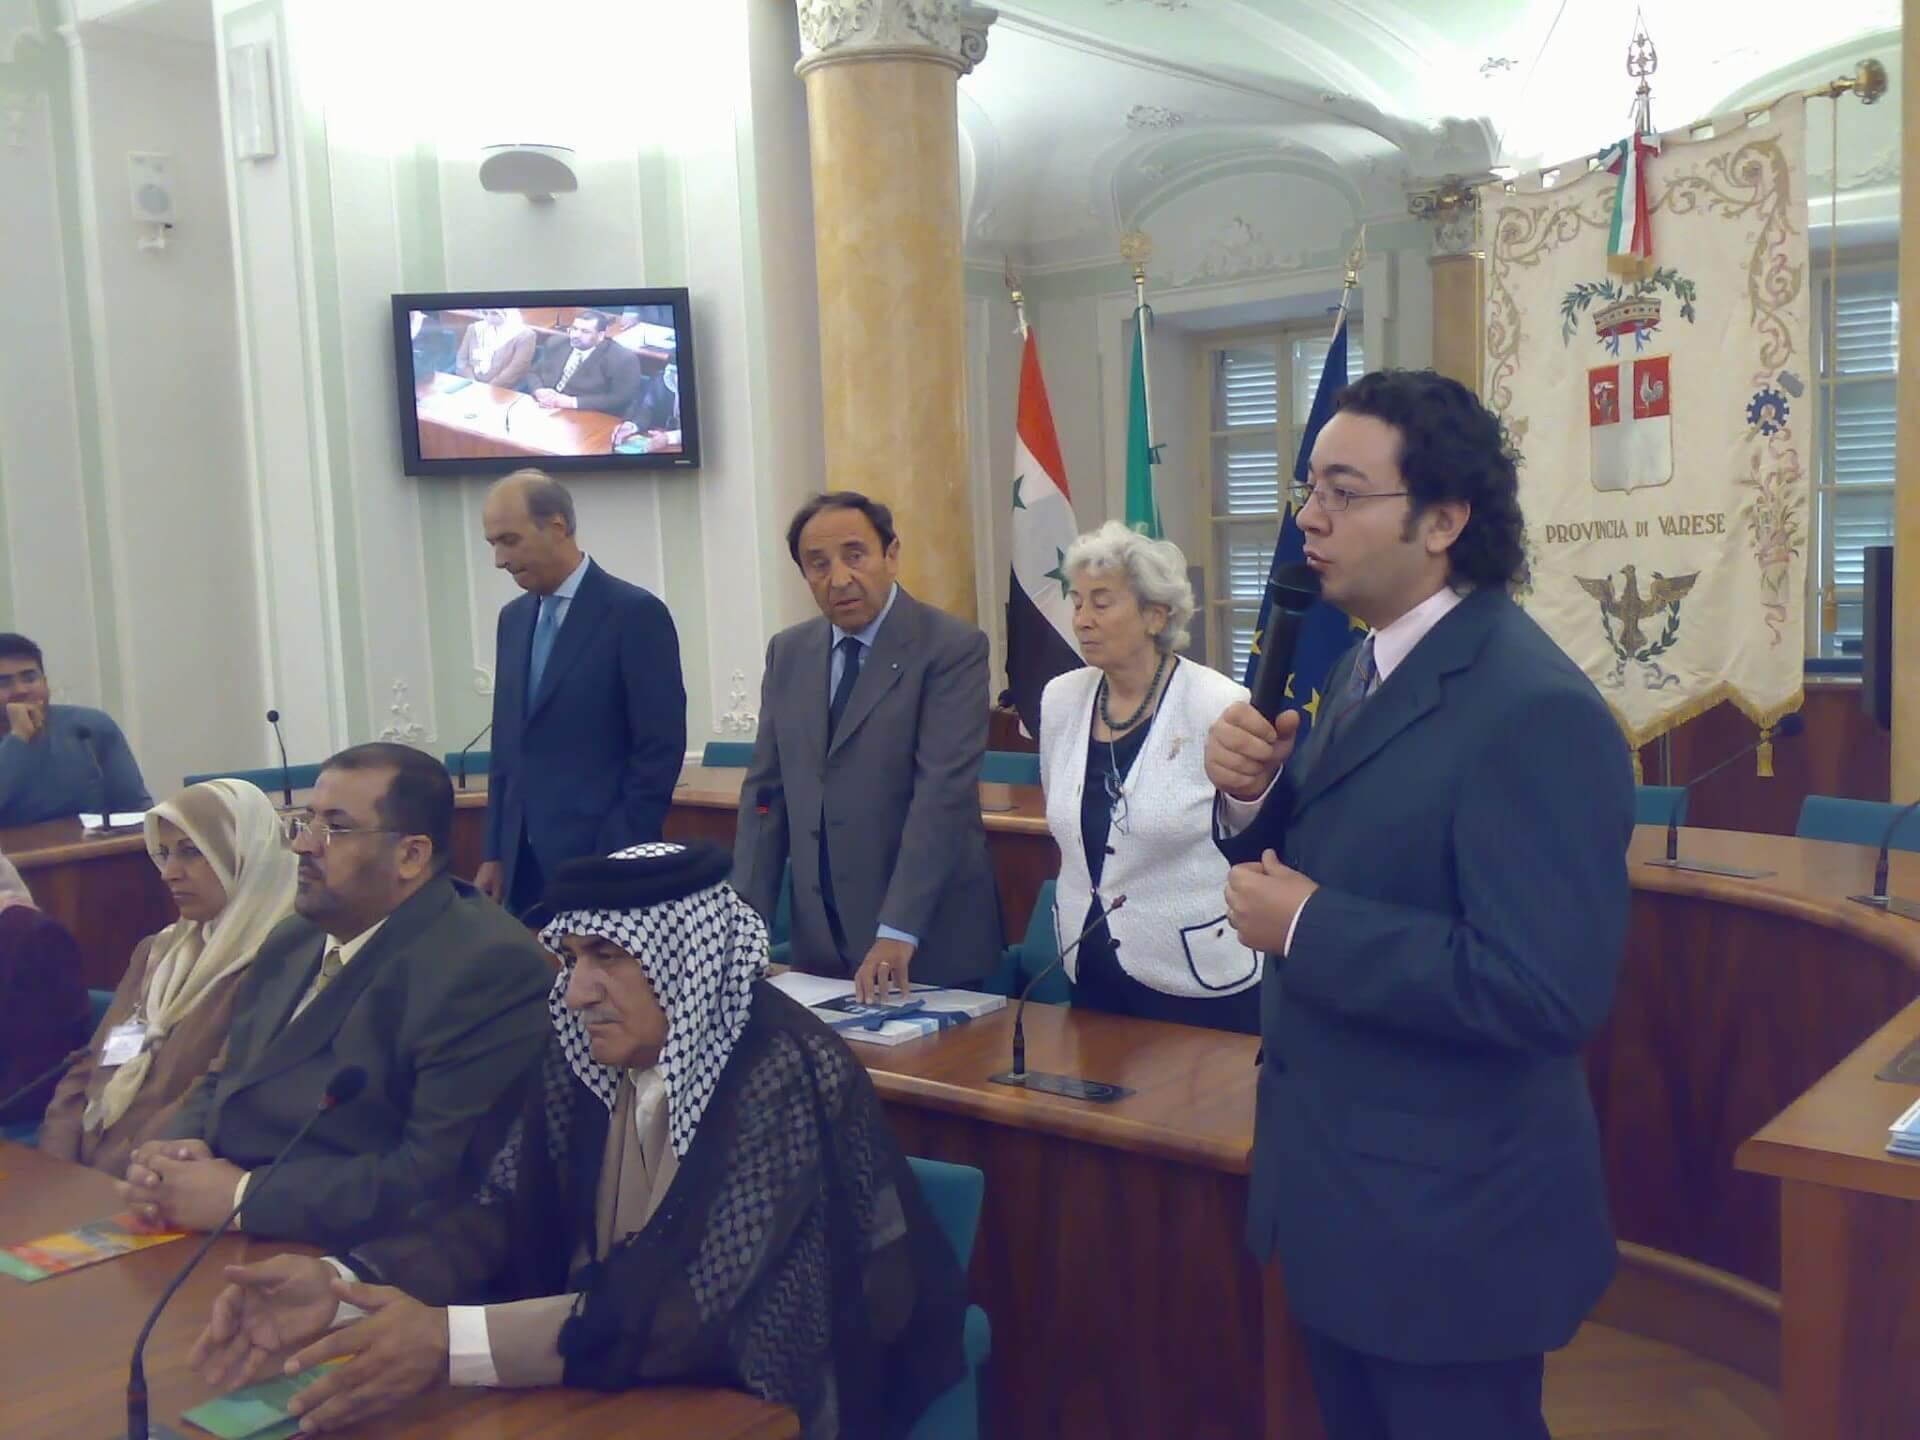 traduzioni arabe in provincia di varese